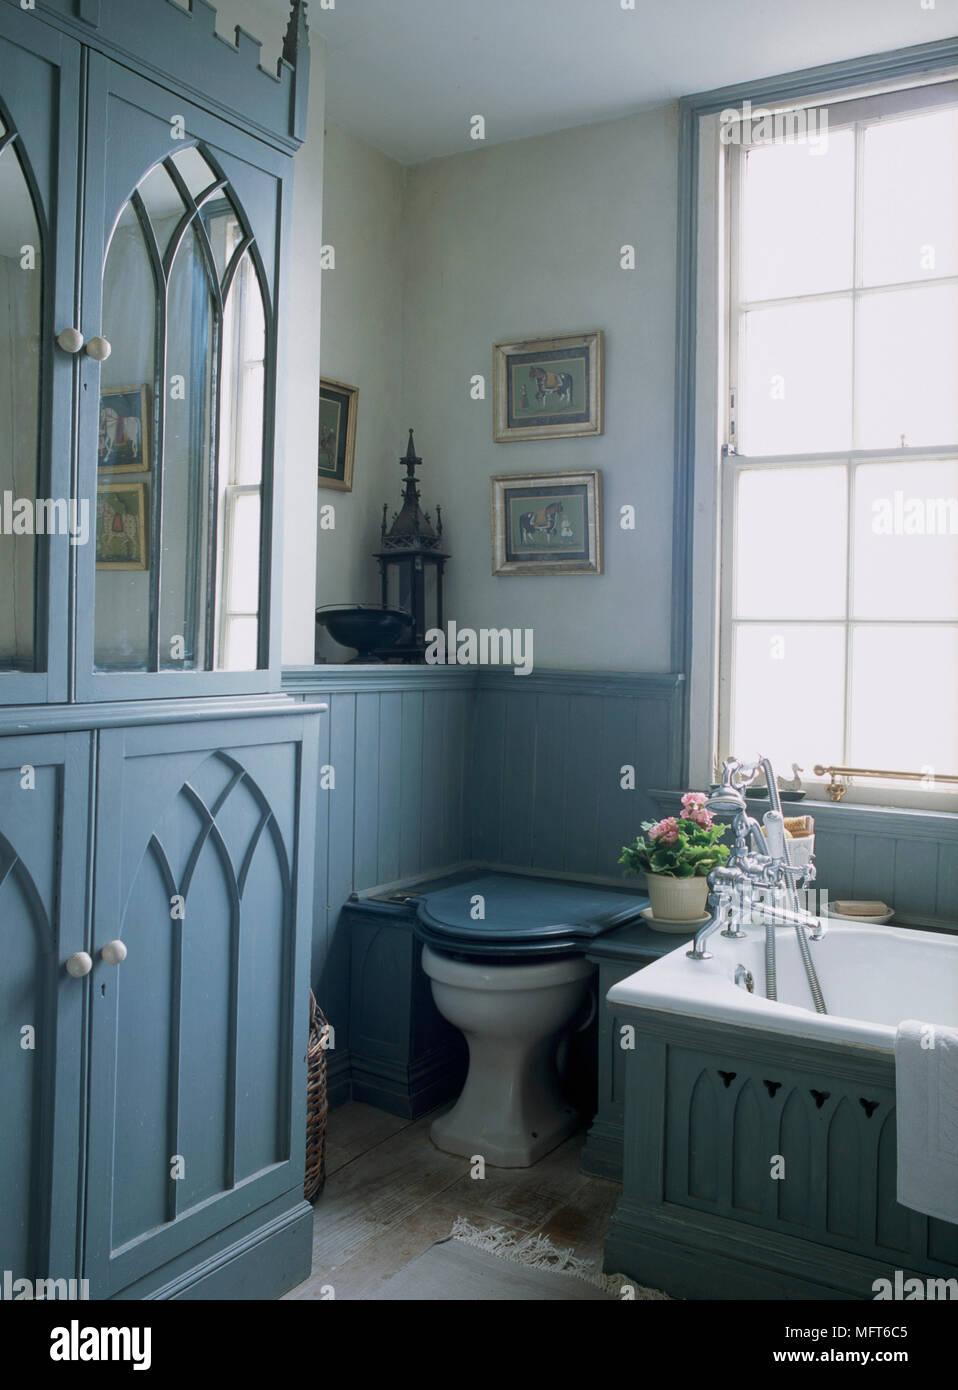 Un detalle de un país tradicional, baño Azul, pintado de estilo ...